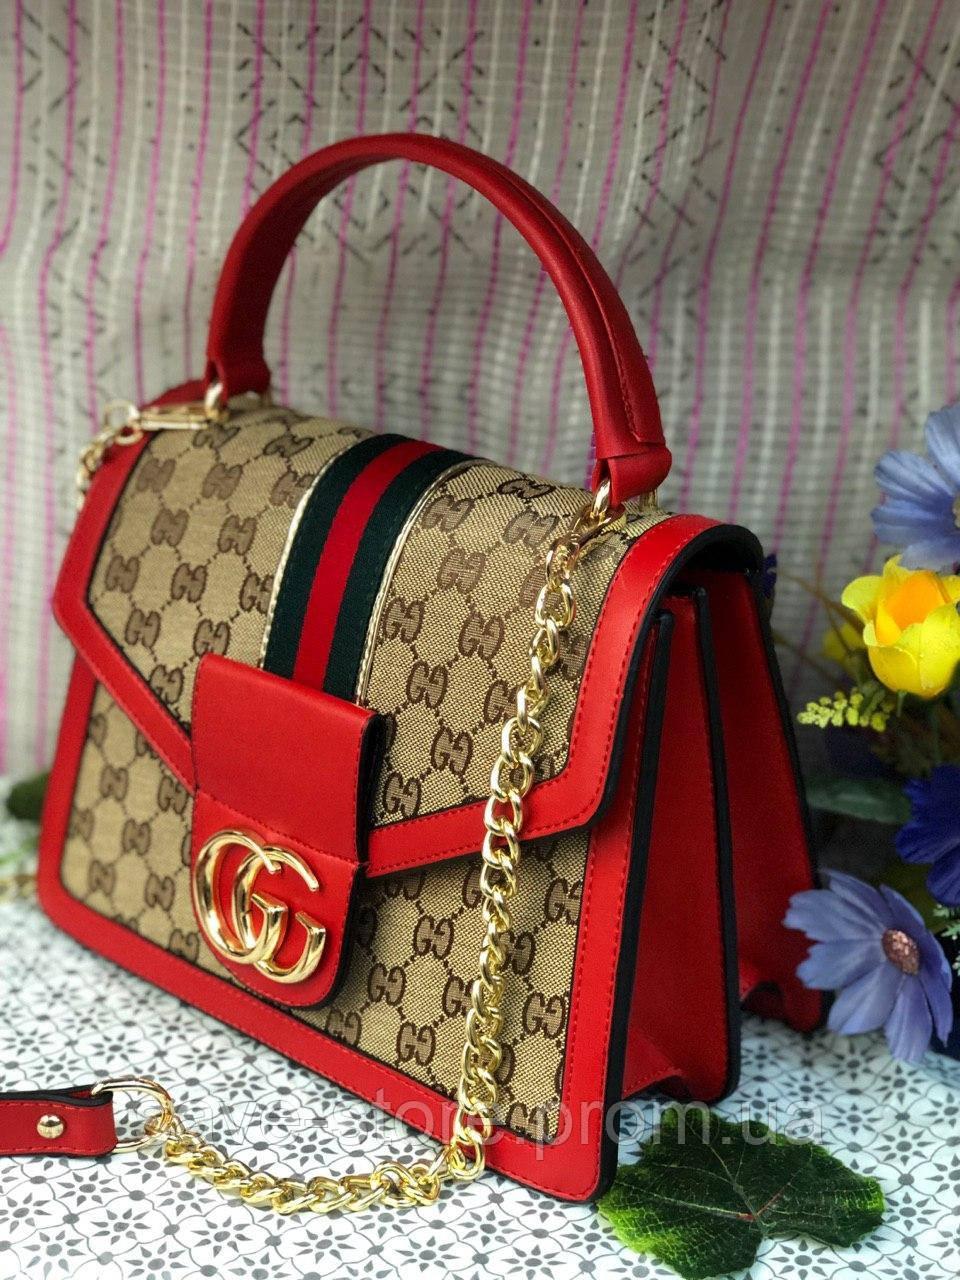 89cef9c6c7fb Женская сумка Gucci (Гуччи), женская модная сумочка, люкс качество -  GotoBag -